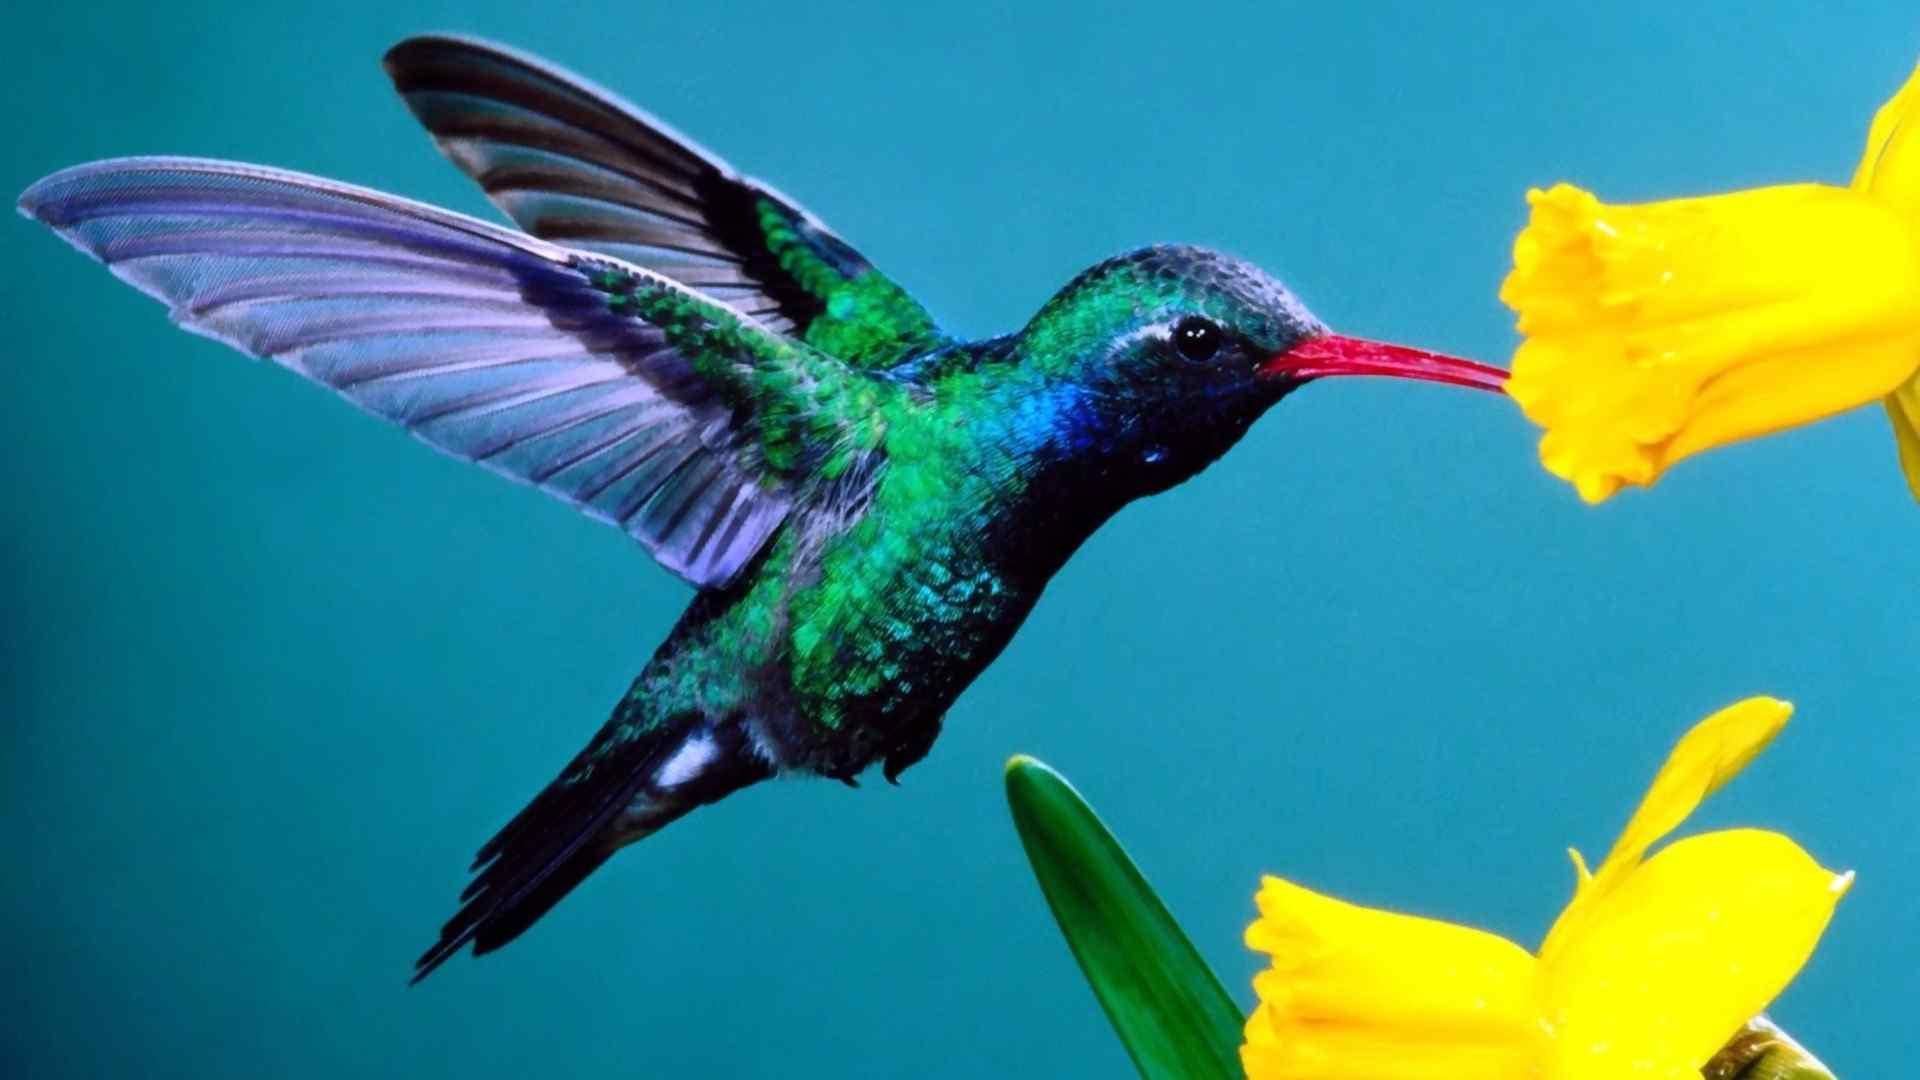 可爱蜂鸟小清新摄影图片高清壁纸。蜂鸟的羽毛一般为蓝色或绿色,下体较淡,有的雄鸟具有羽冠或修长的尾羽。雄鸟中,绝大多数为蓝绿色,也有的为紫色、红色或黄色。雌鸟体羽较为黯淡。分享一组小清新的蜂鸟动物壁纸。桌面天下专注于电脑、手机桌面壁纸,免费提供最好最清晰的壁纸图片下载。网罗最热门的明星、美女、卡通、系统手机壁纸等,桌面天下把热门壁纸推荐给您,让您更快的找到您想要的简约好看个性桌面壁纸。